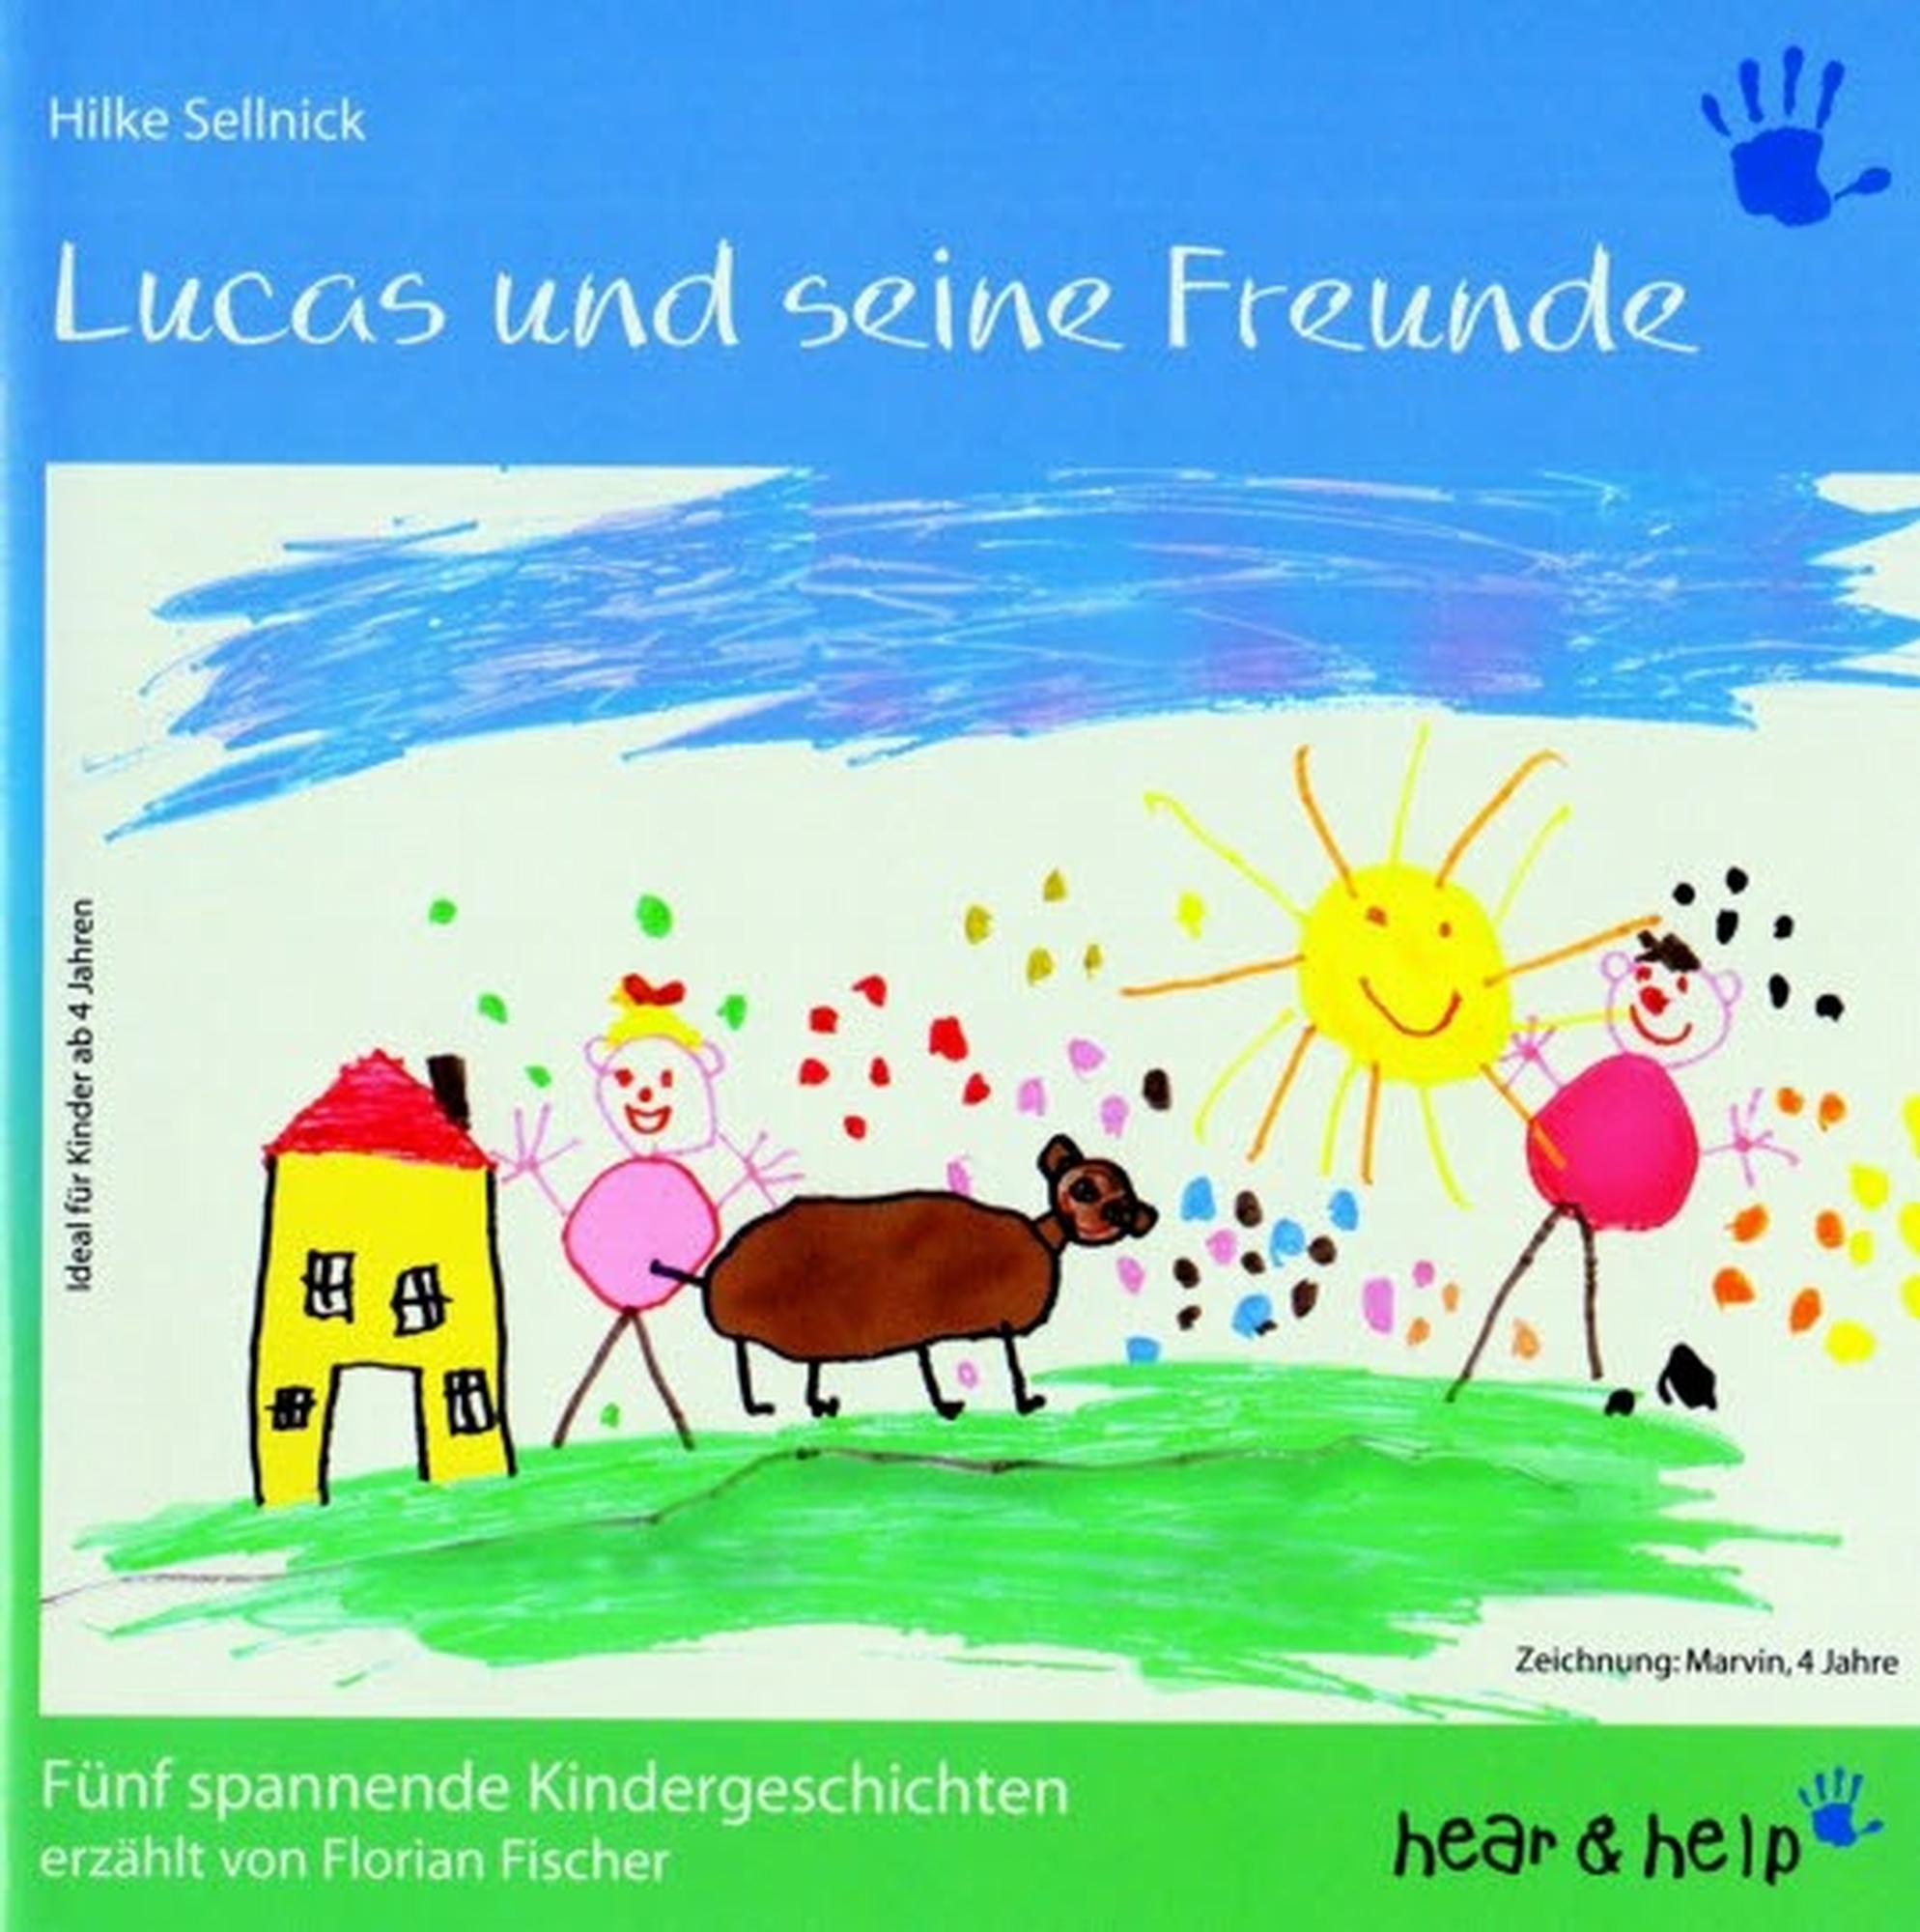 Lukas-und-seine-FreundeLukas-und-seine-Freunde